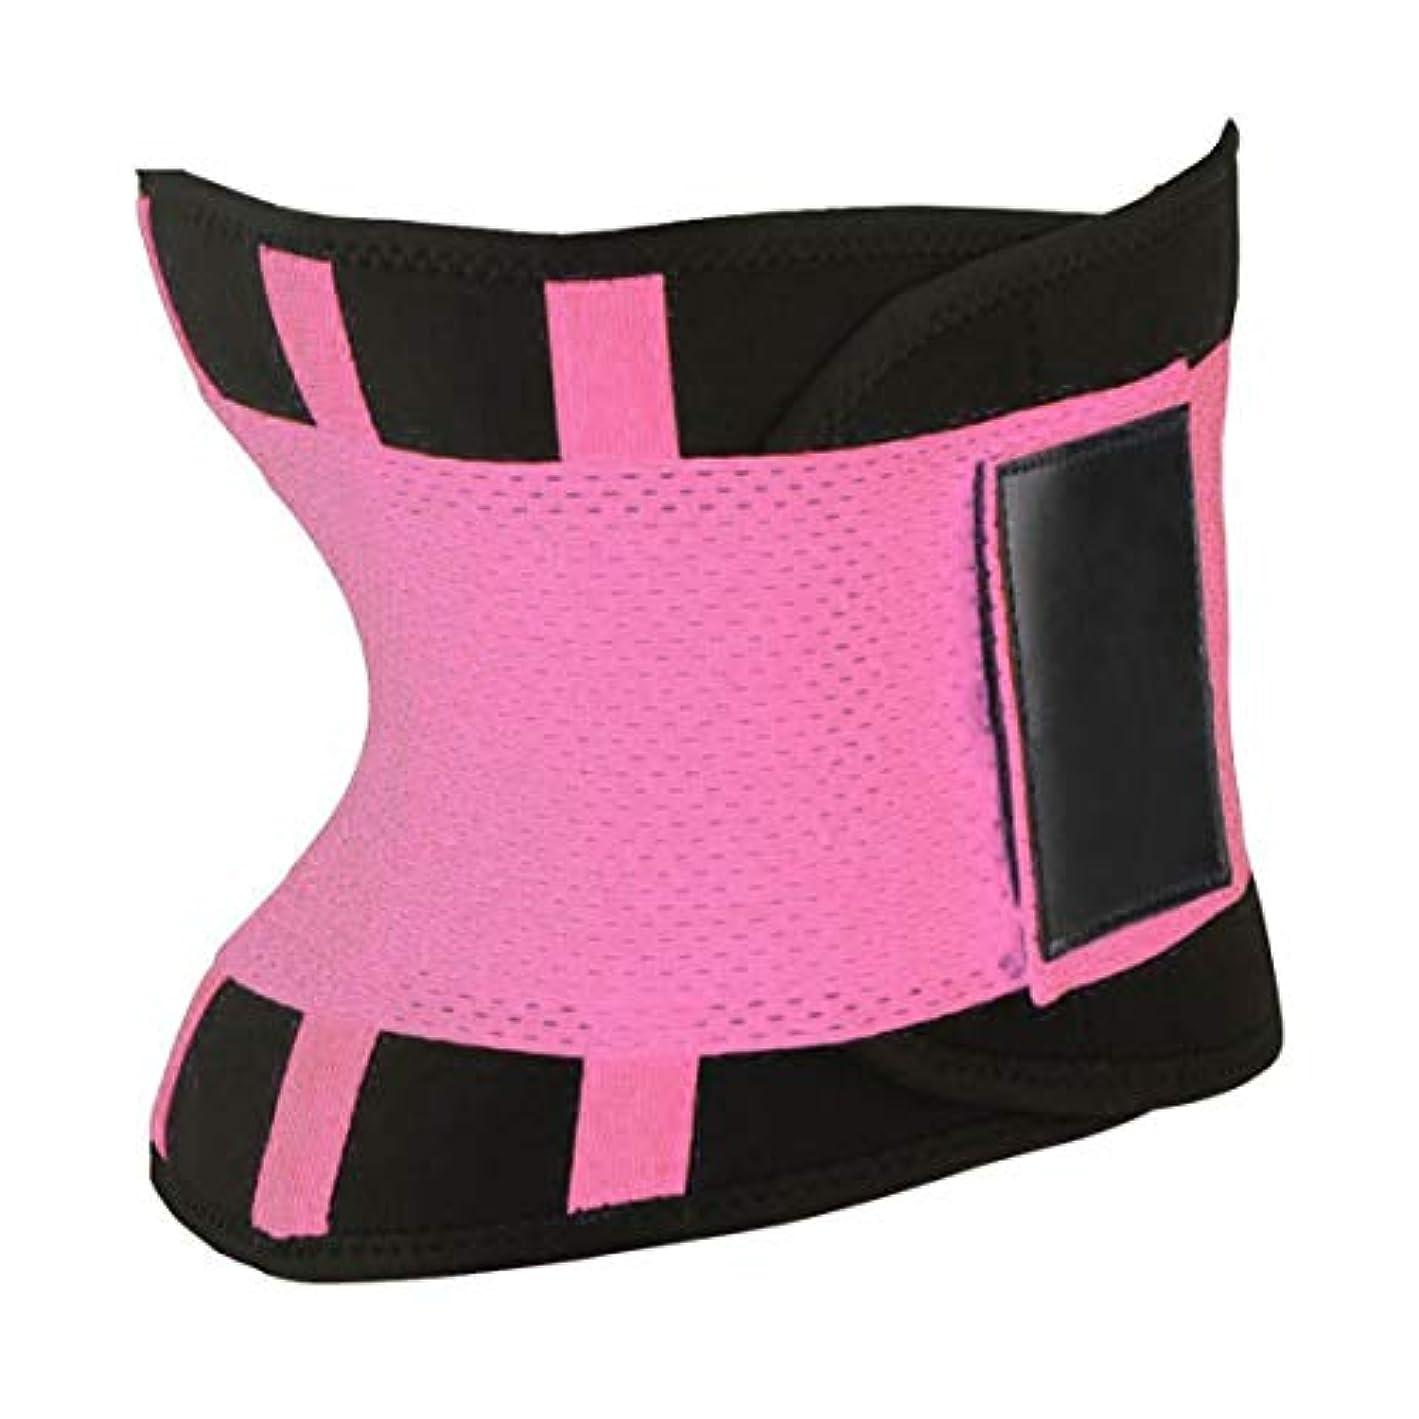 スロープクリープ君主快適な女性ボディシェイパー痩身シェイパーベルトスポーツ女性ウエストトレーナーニッパー制御バーニングボディおなかベルト - ピンク2xl